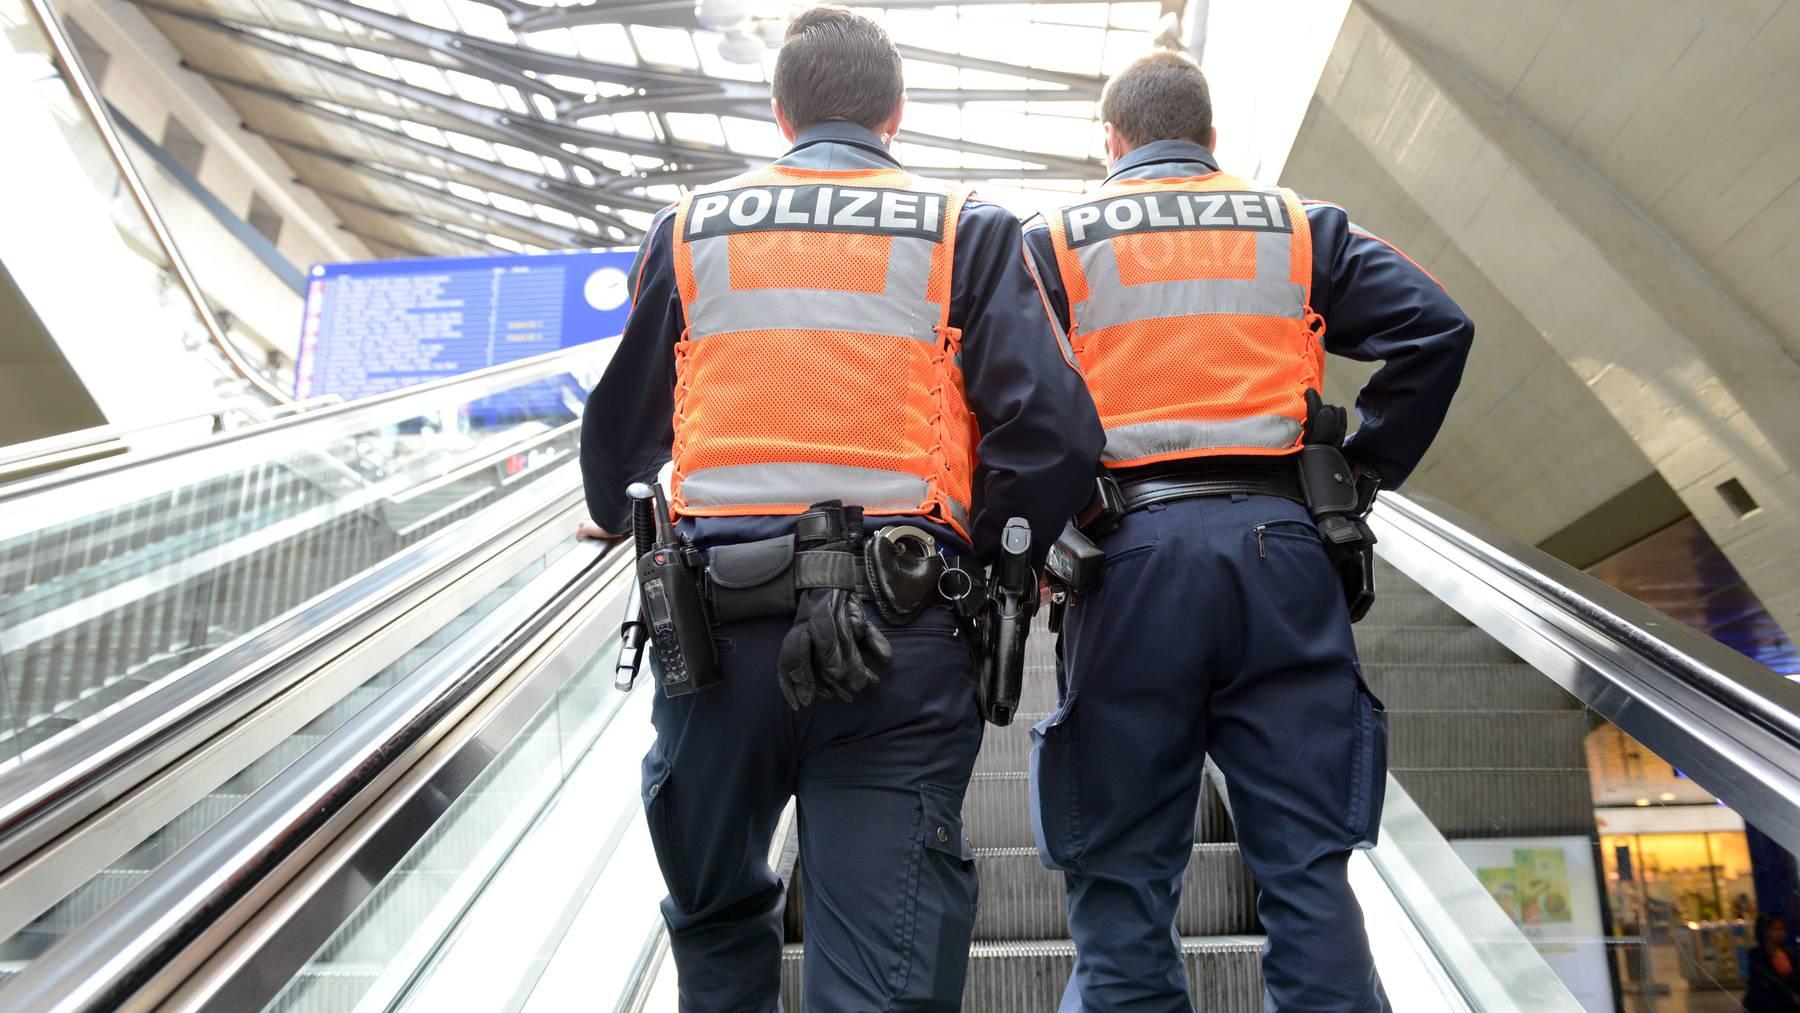 Luzern: Zeugenaufruf nach Raubüberfall